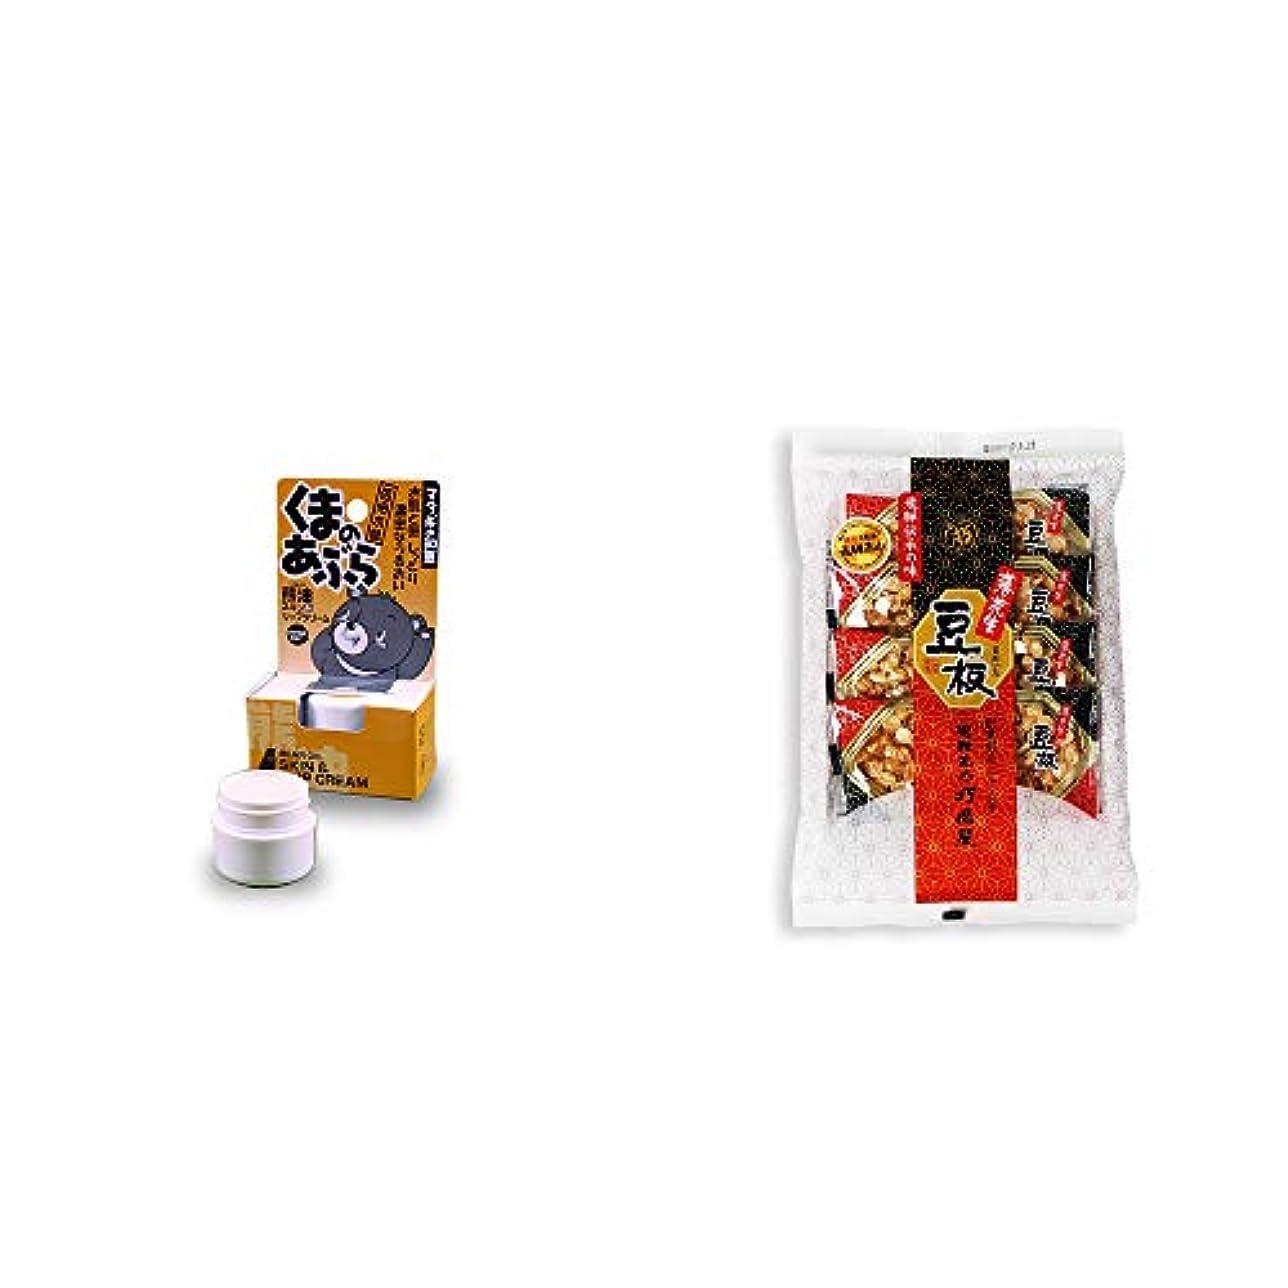 振動する雄弁家ドリンク[2点セット] 信州木曽 くまのあぶら 熊油スキン&リップクリーム(9g)?飛騨銘菓「打保屋」の駄菓子 豆板(8枚入)